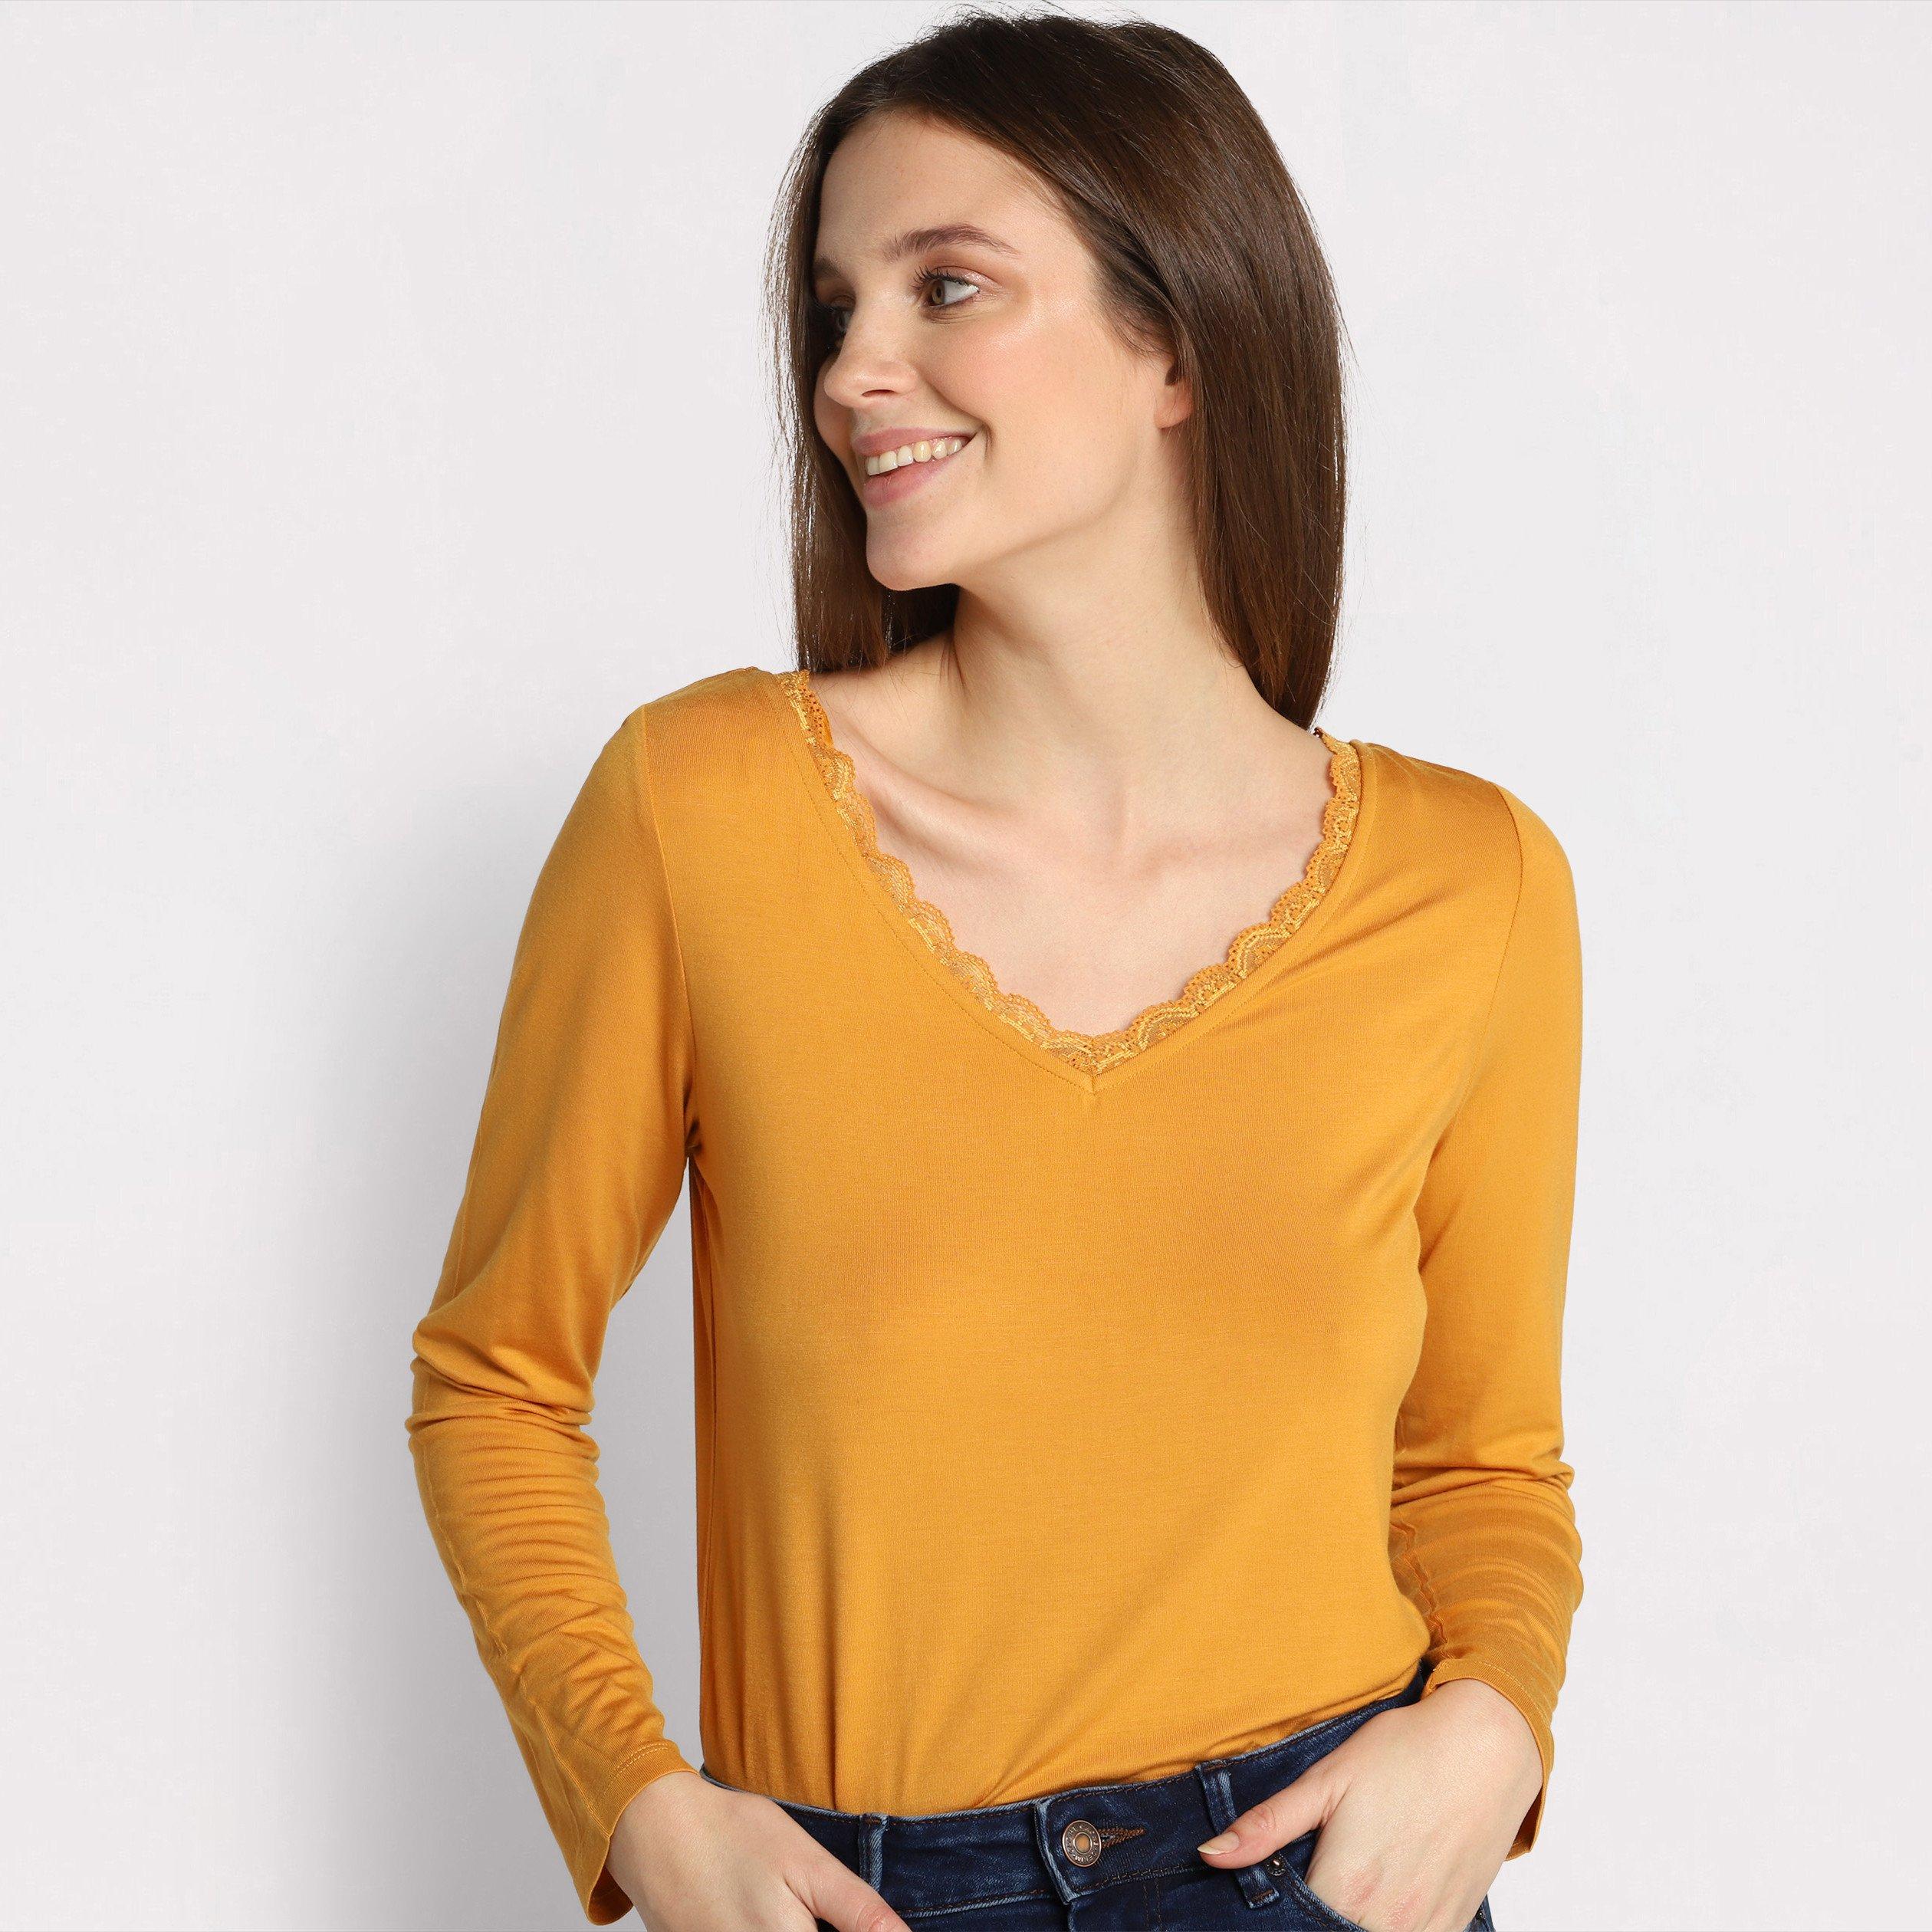 Jusqu'à 60% de réduction sur une sélection d'articles - Ex : T-shirt Manches Longues pour Femmes - Jaune moutarde, Taille au Choix